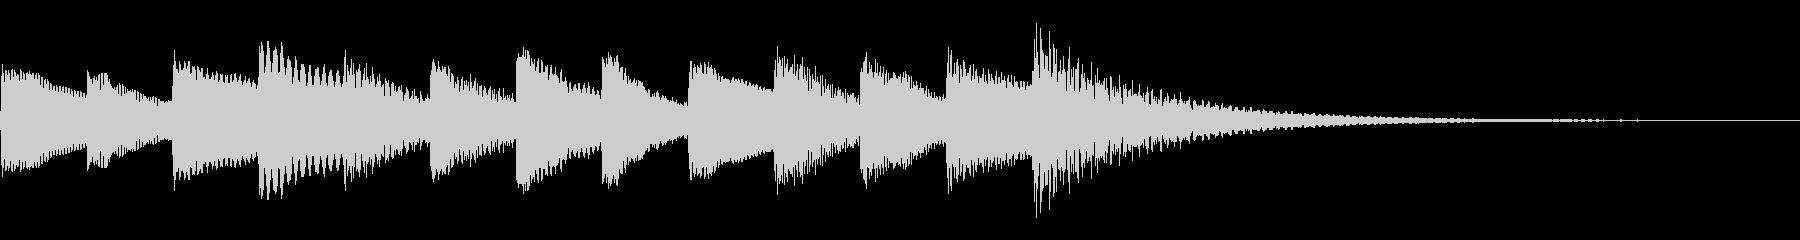 動画のエンディングに適したオルゴール音源の未再生の波形